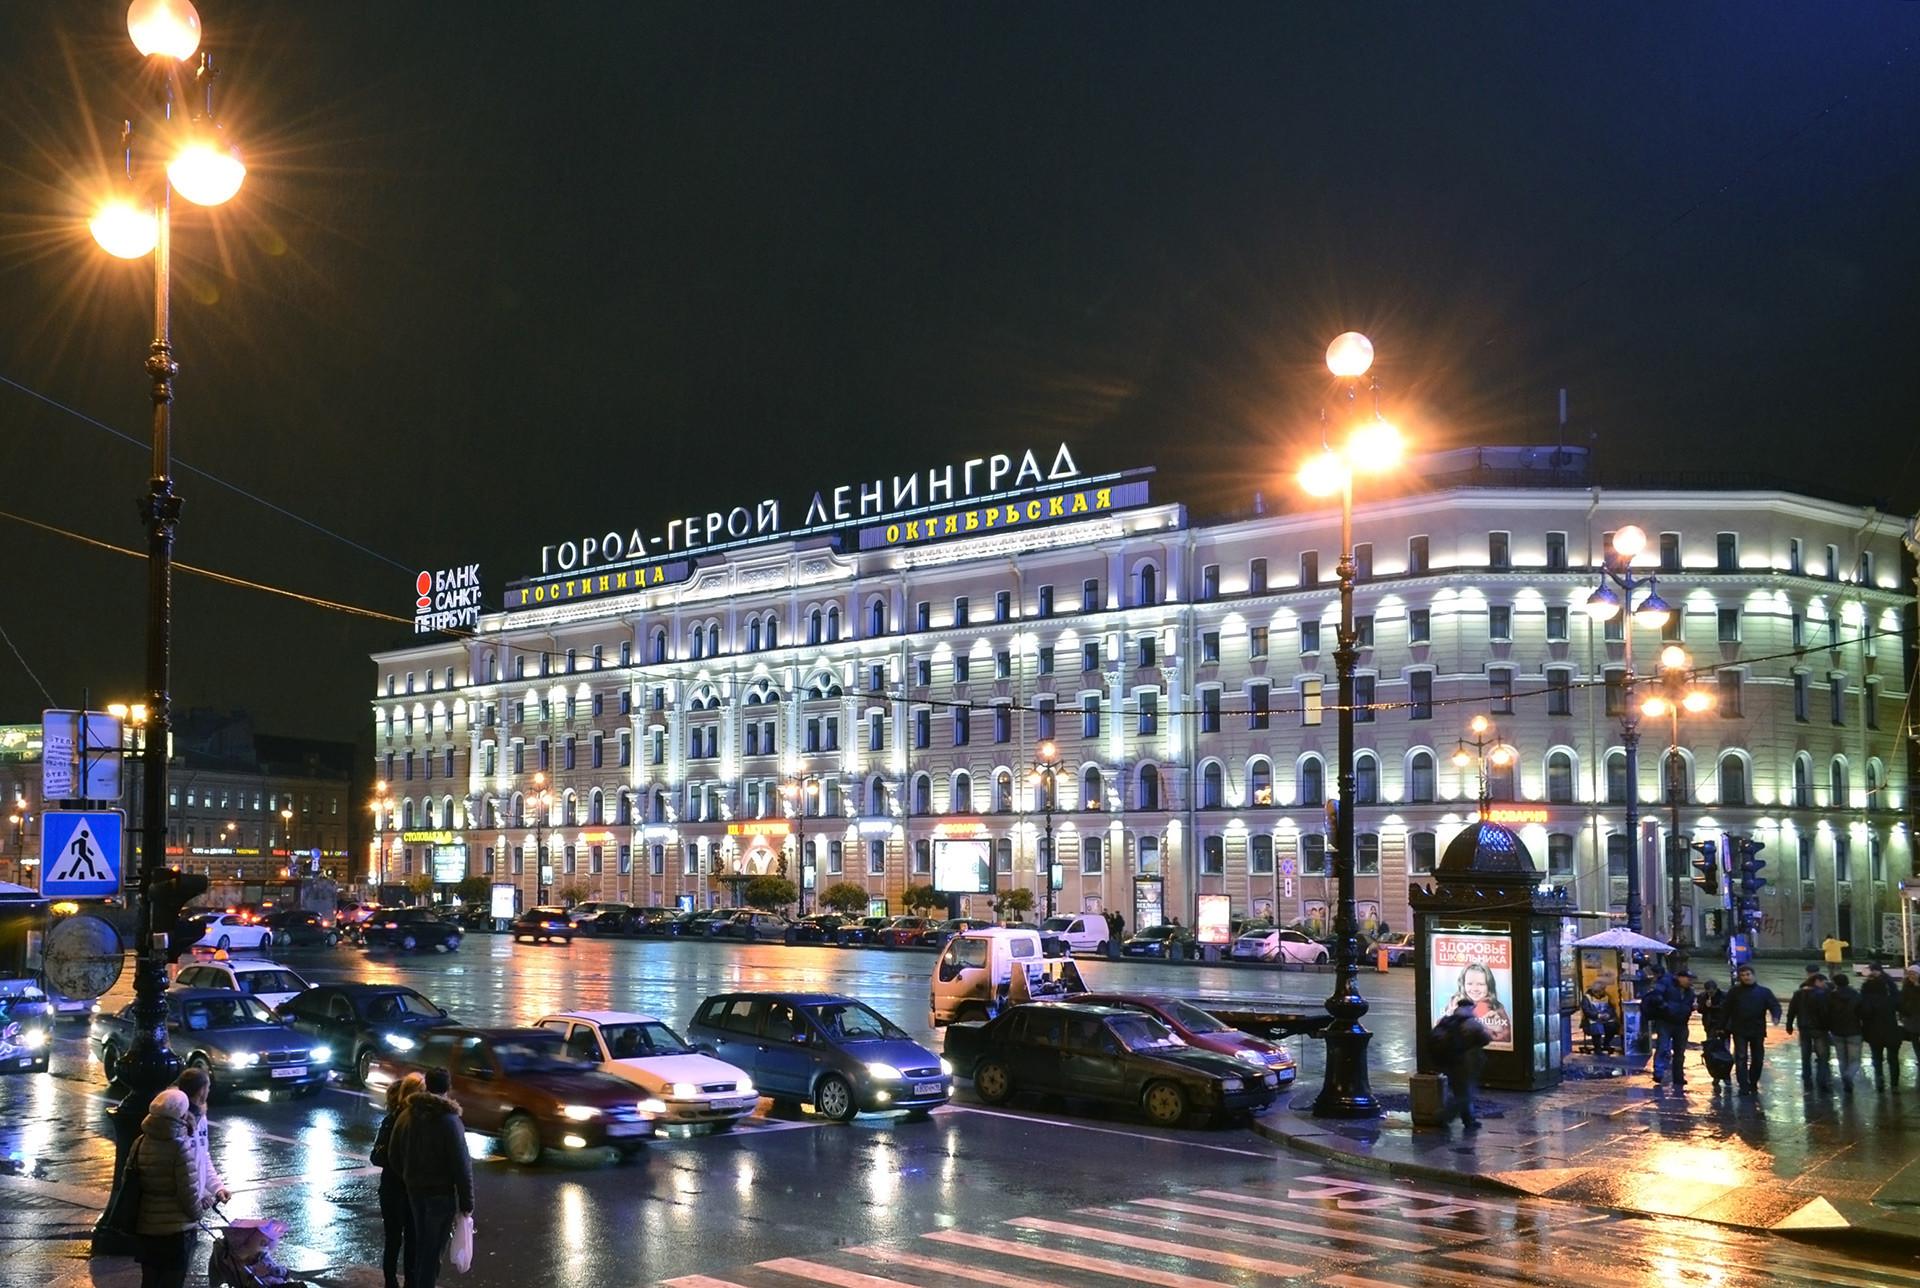 Hotel Oktiábrskaia en San Petersburgo. El letrero dice